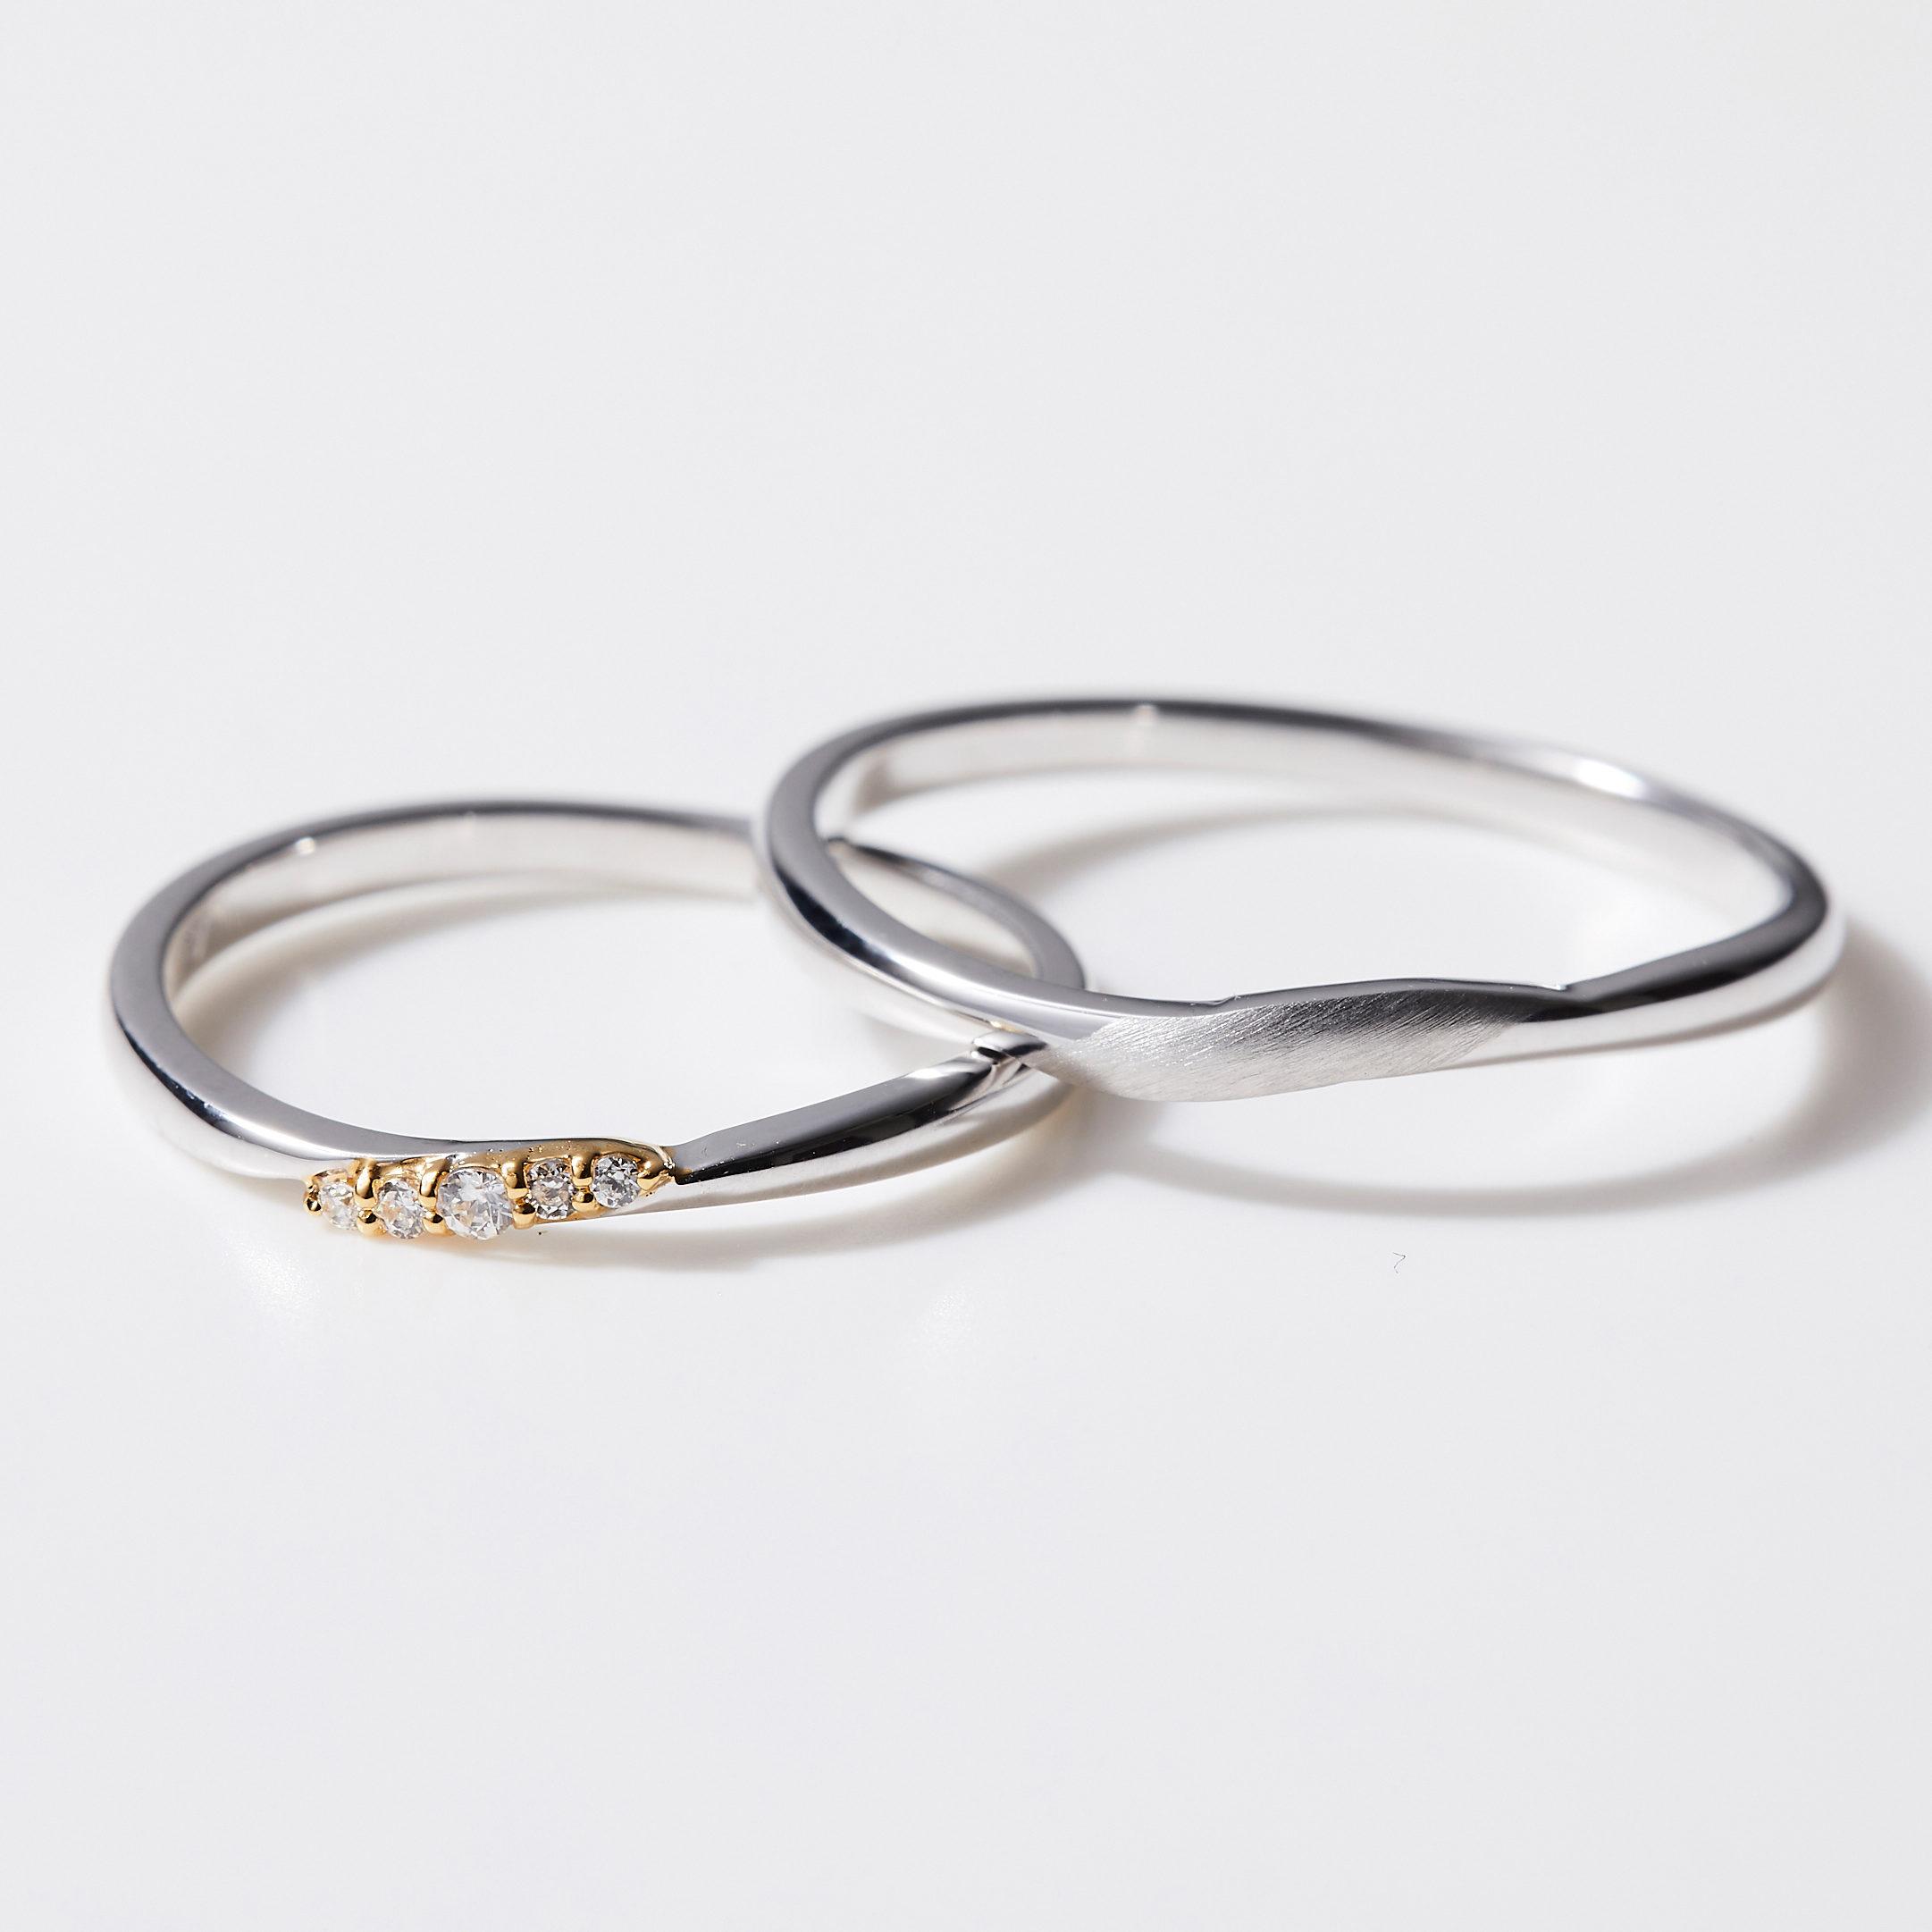 シンプル 結婚指輪のMJS-13・MJS-14